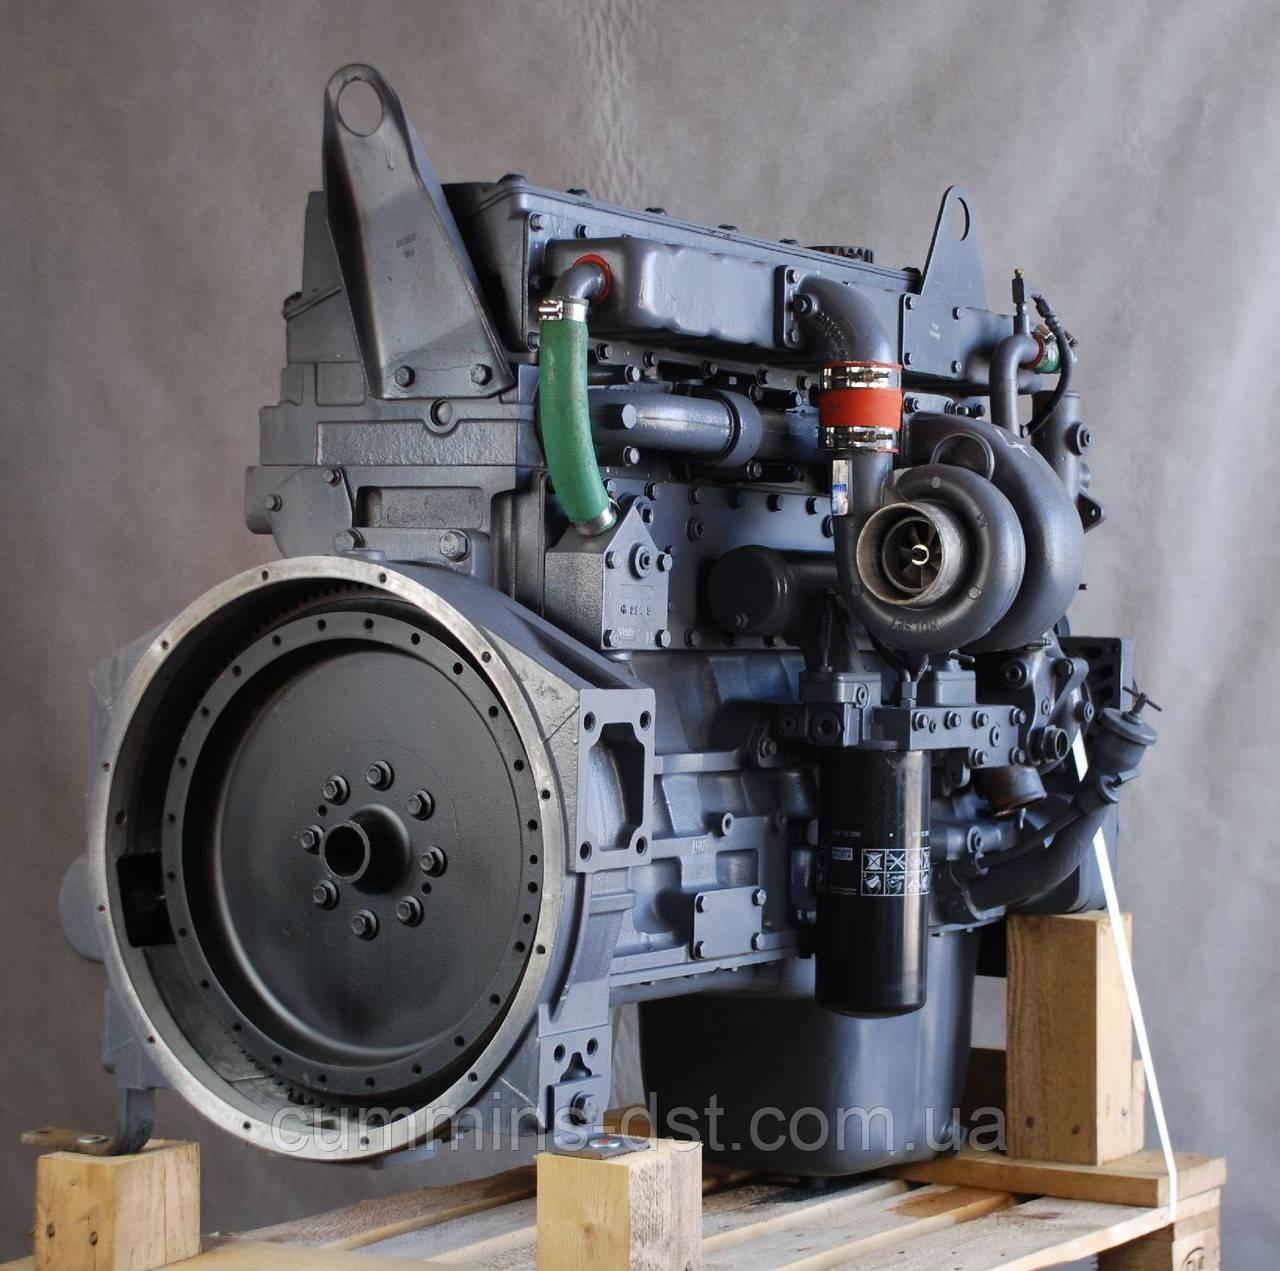 Двигатель Cummins M11-250hp, цена, купить в Броварах — Prom